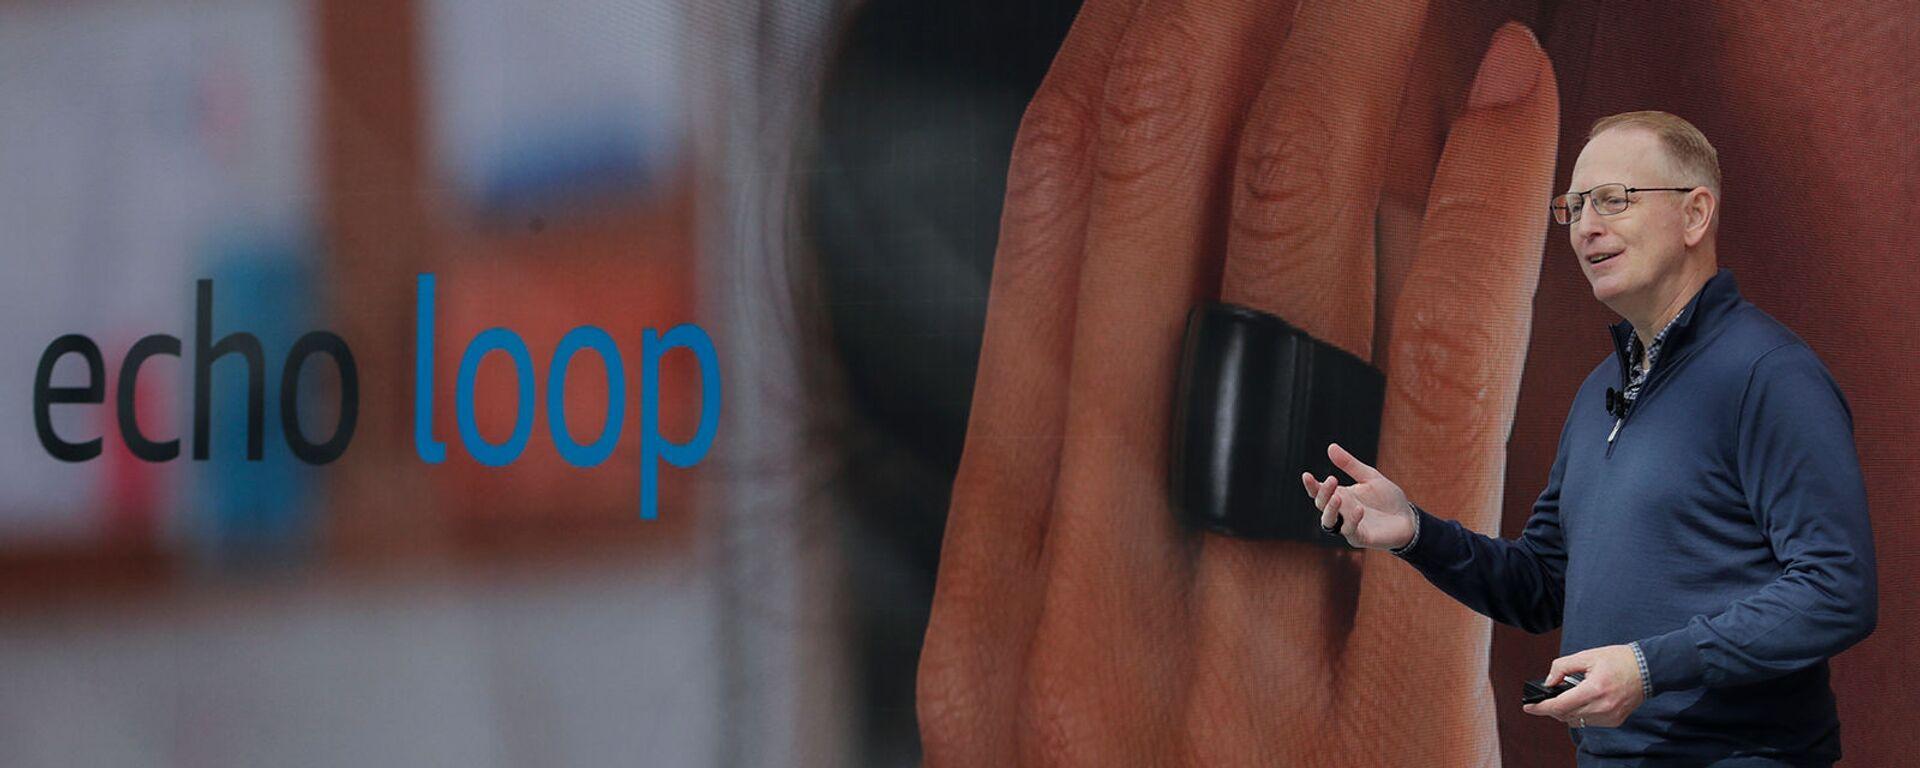 Старший вице-президент по Amazon devices & services Дэйв Лимп рассказывает о кольце Echo Loop, включенном с помощью технологии Alexa personal assistant (25 сентября 2019). Сиэтл - Sputnik Армения, 1920, 26.07.2021